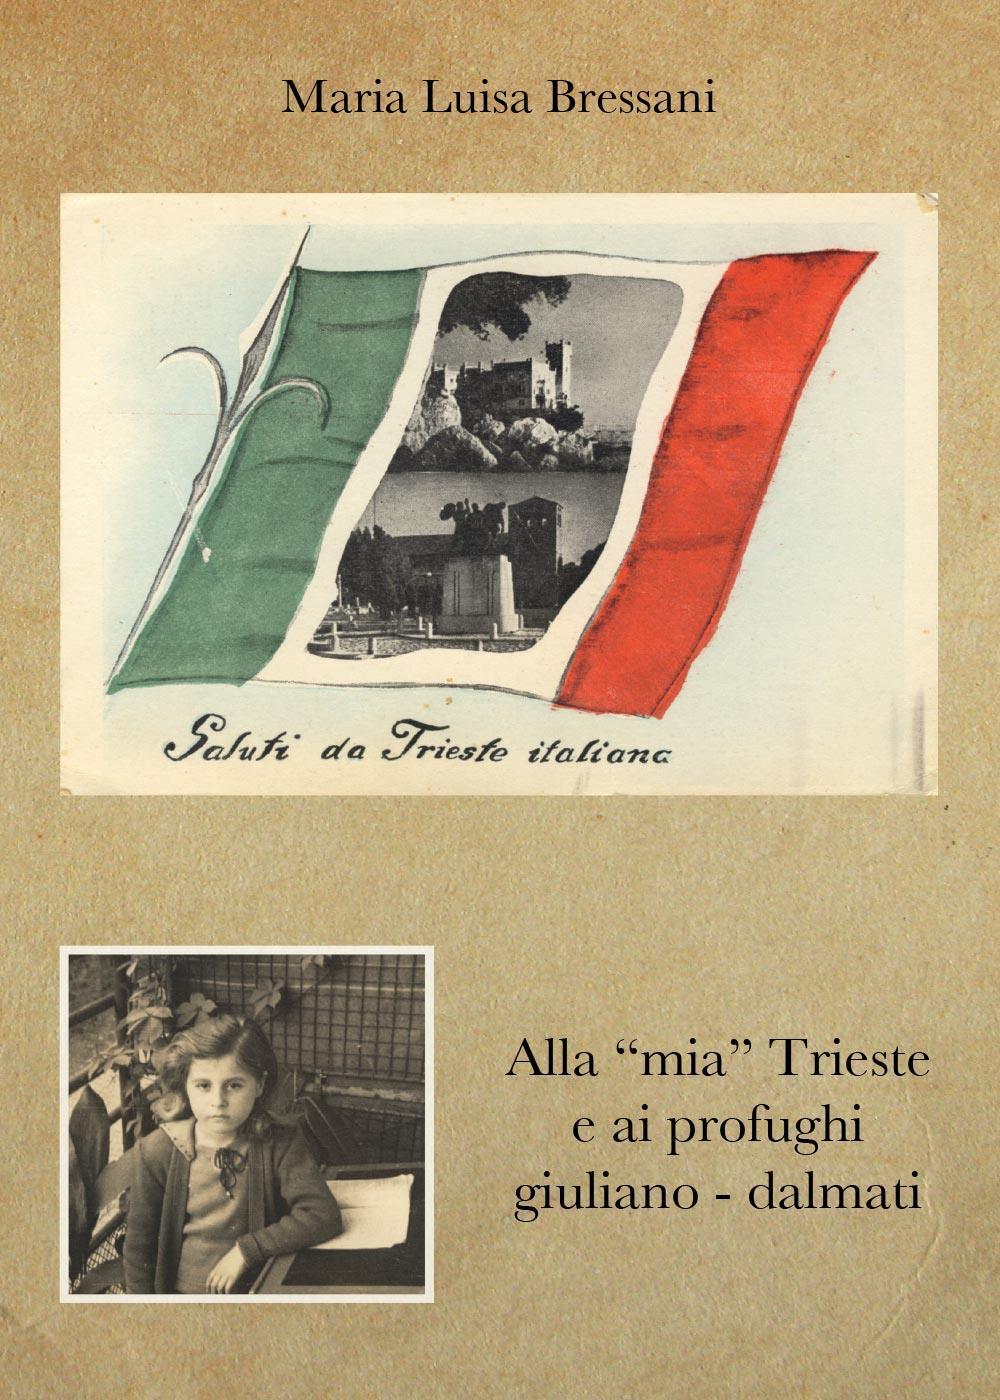 """Alla """"mia"""" Trieste e ai profughi giuliano-dalmati"""